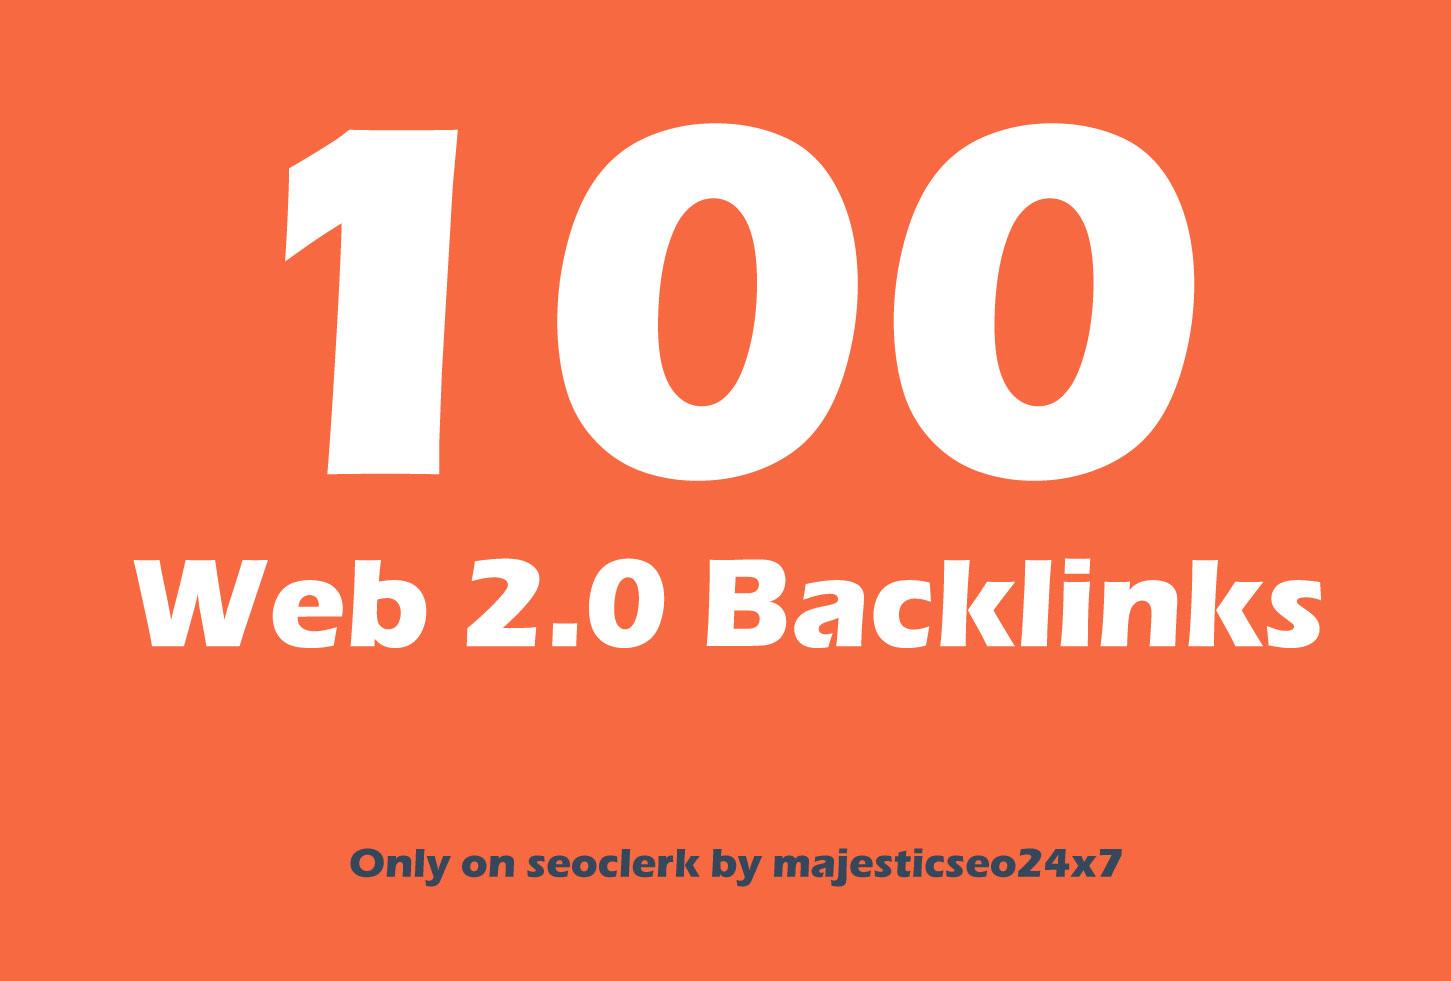 Publish 100 Web 2.0 Blog Post backlink for Website Ranking